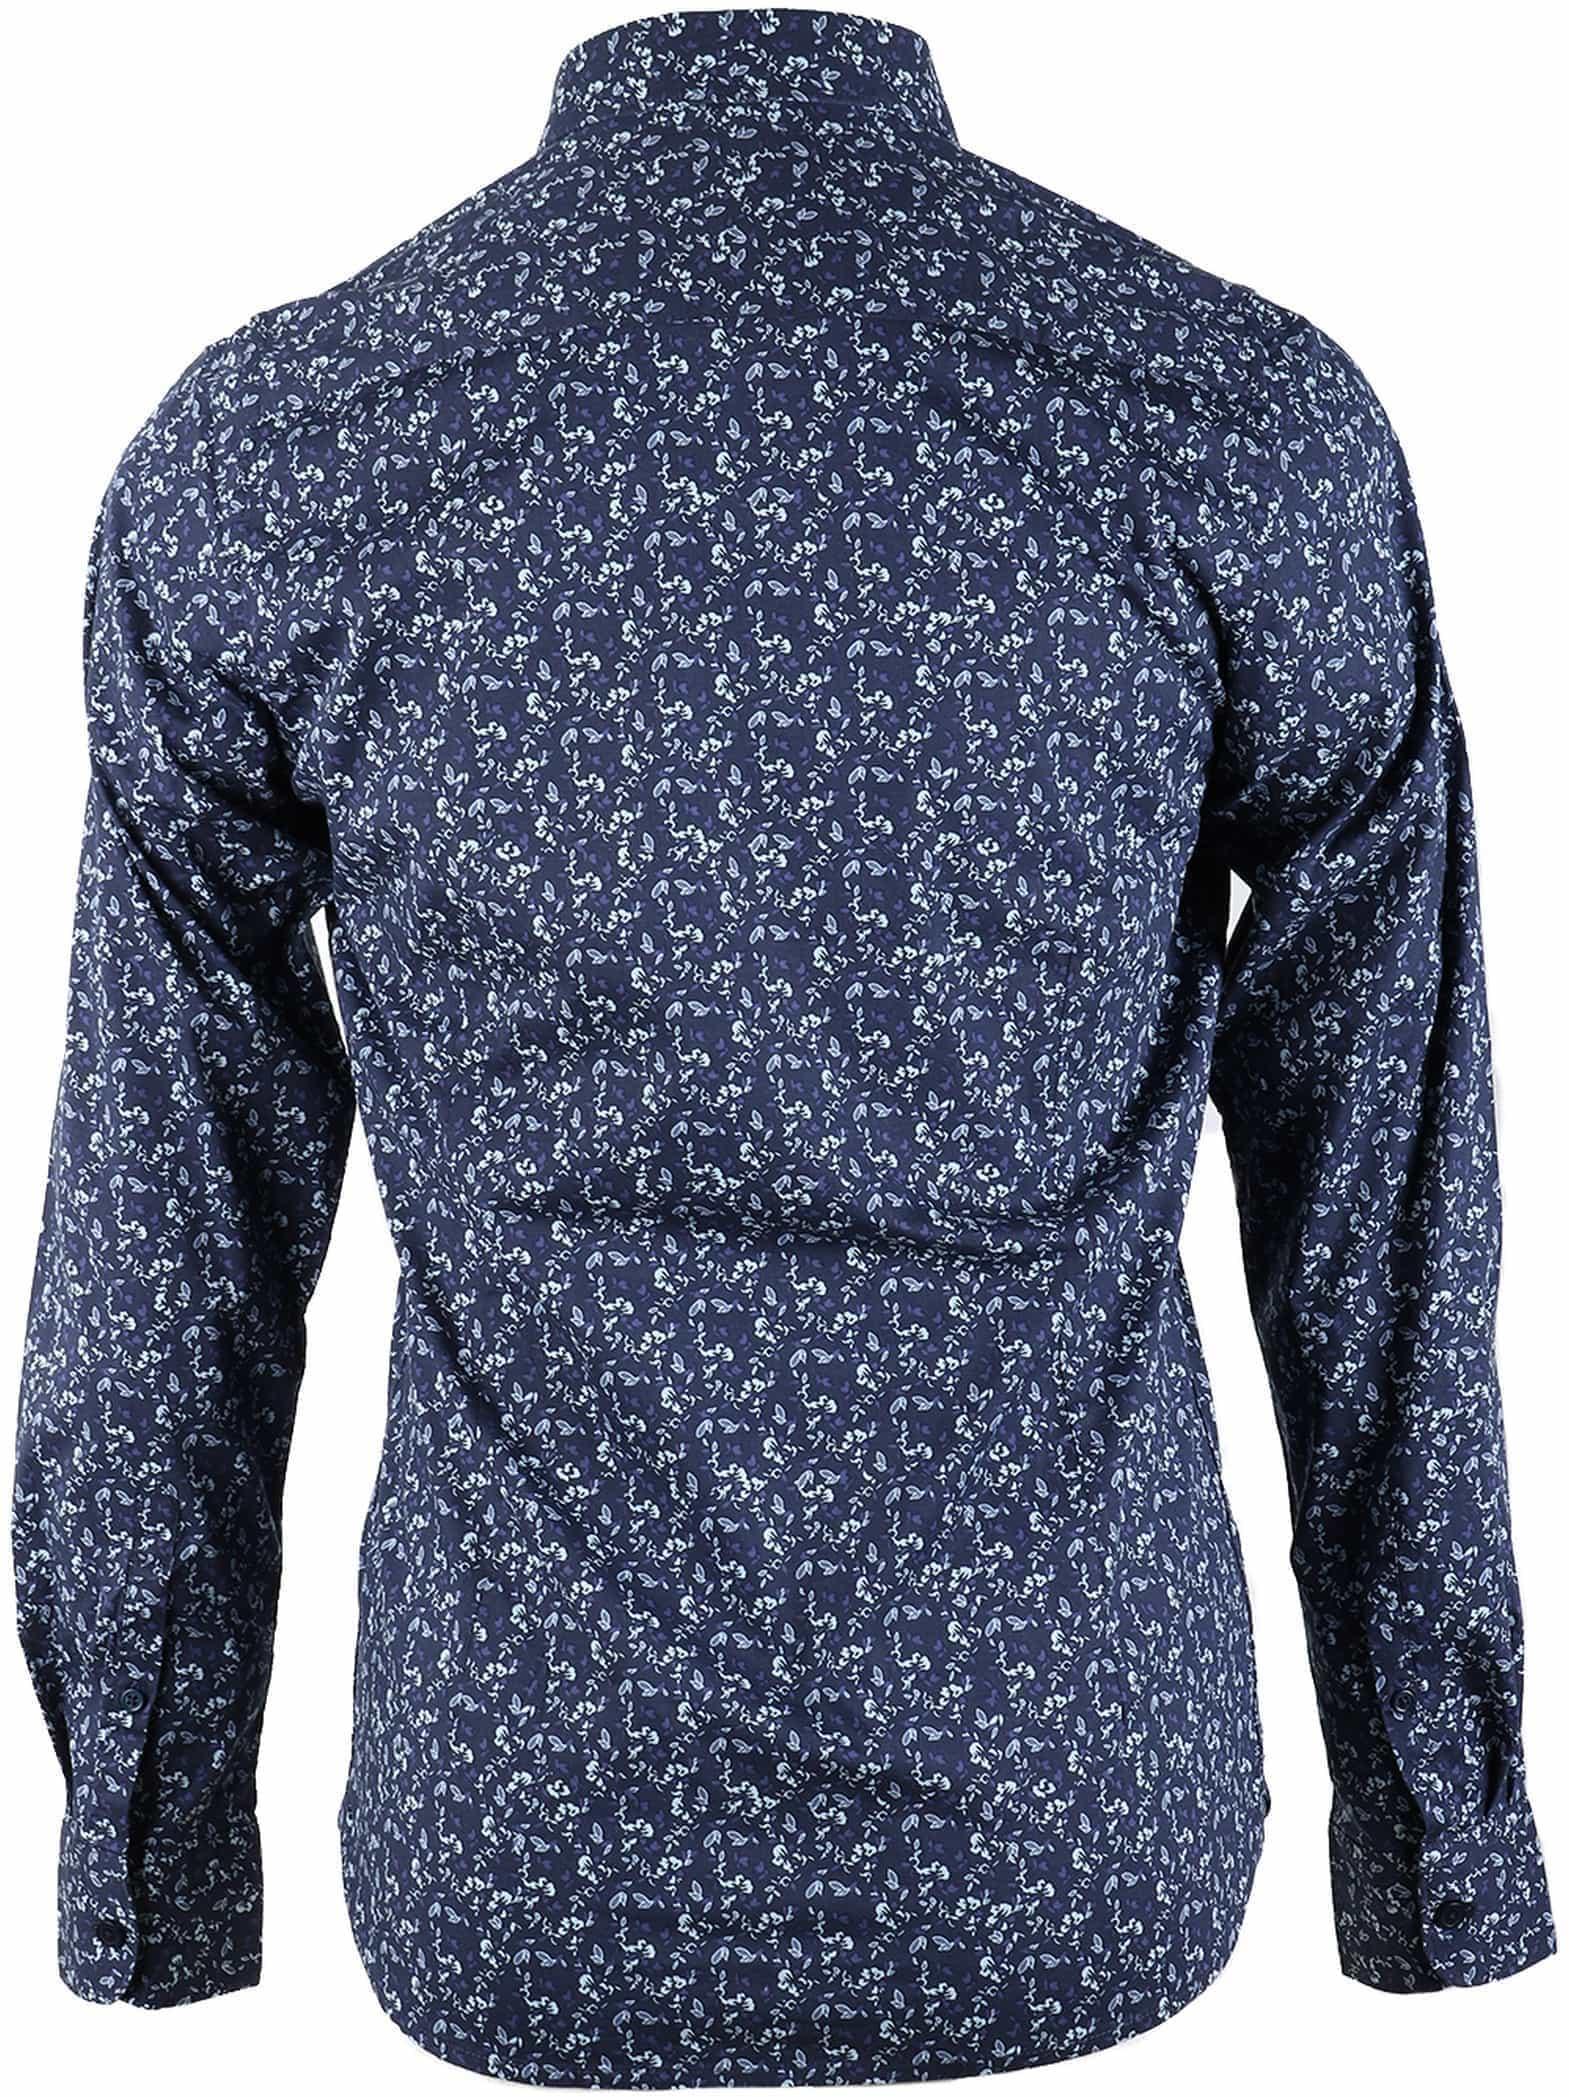 Dstrezzed Bloemetjes Overhemd Donkerblauw foto 1